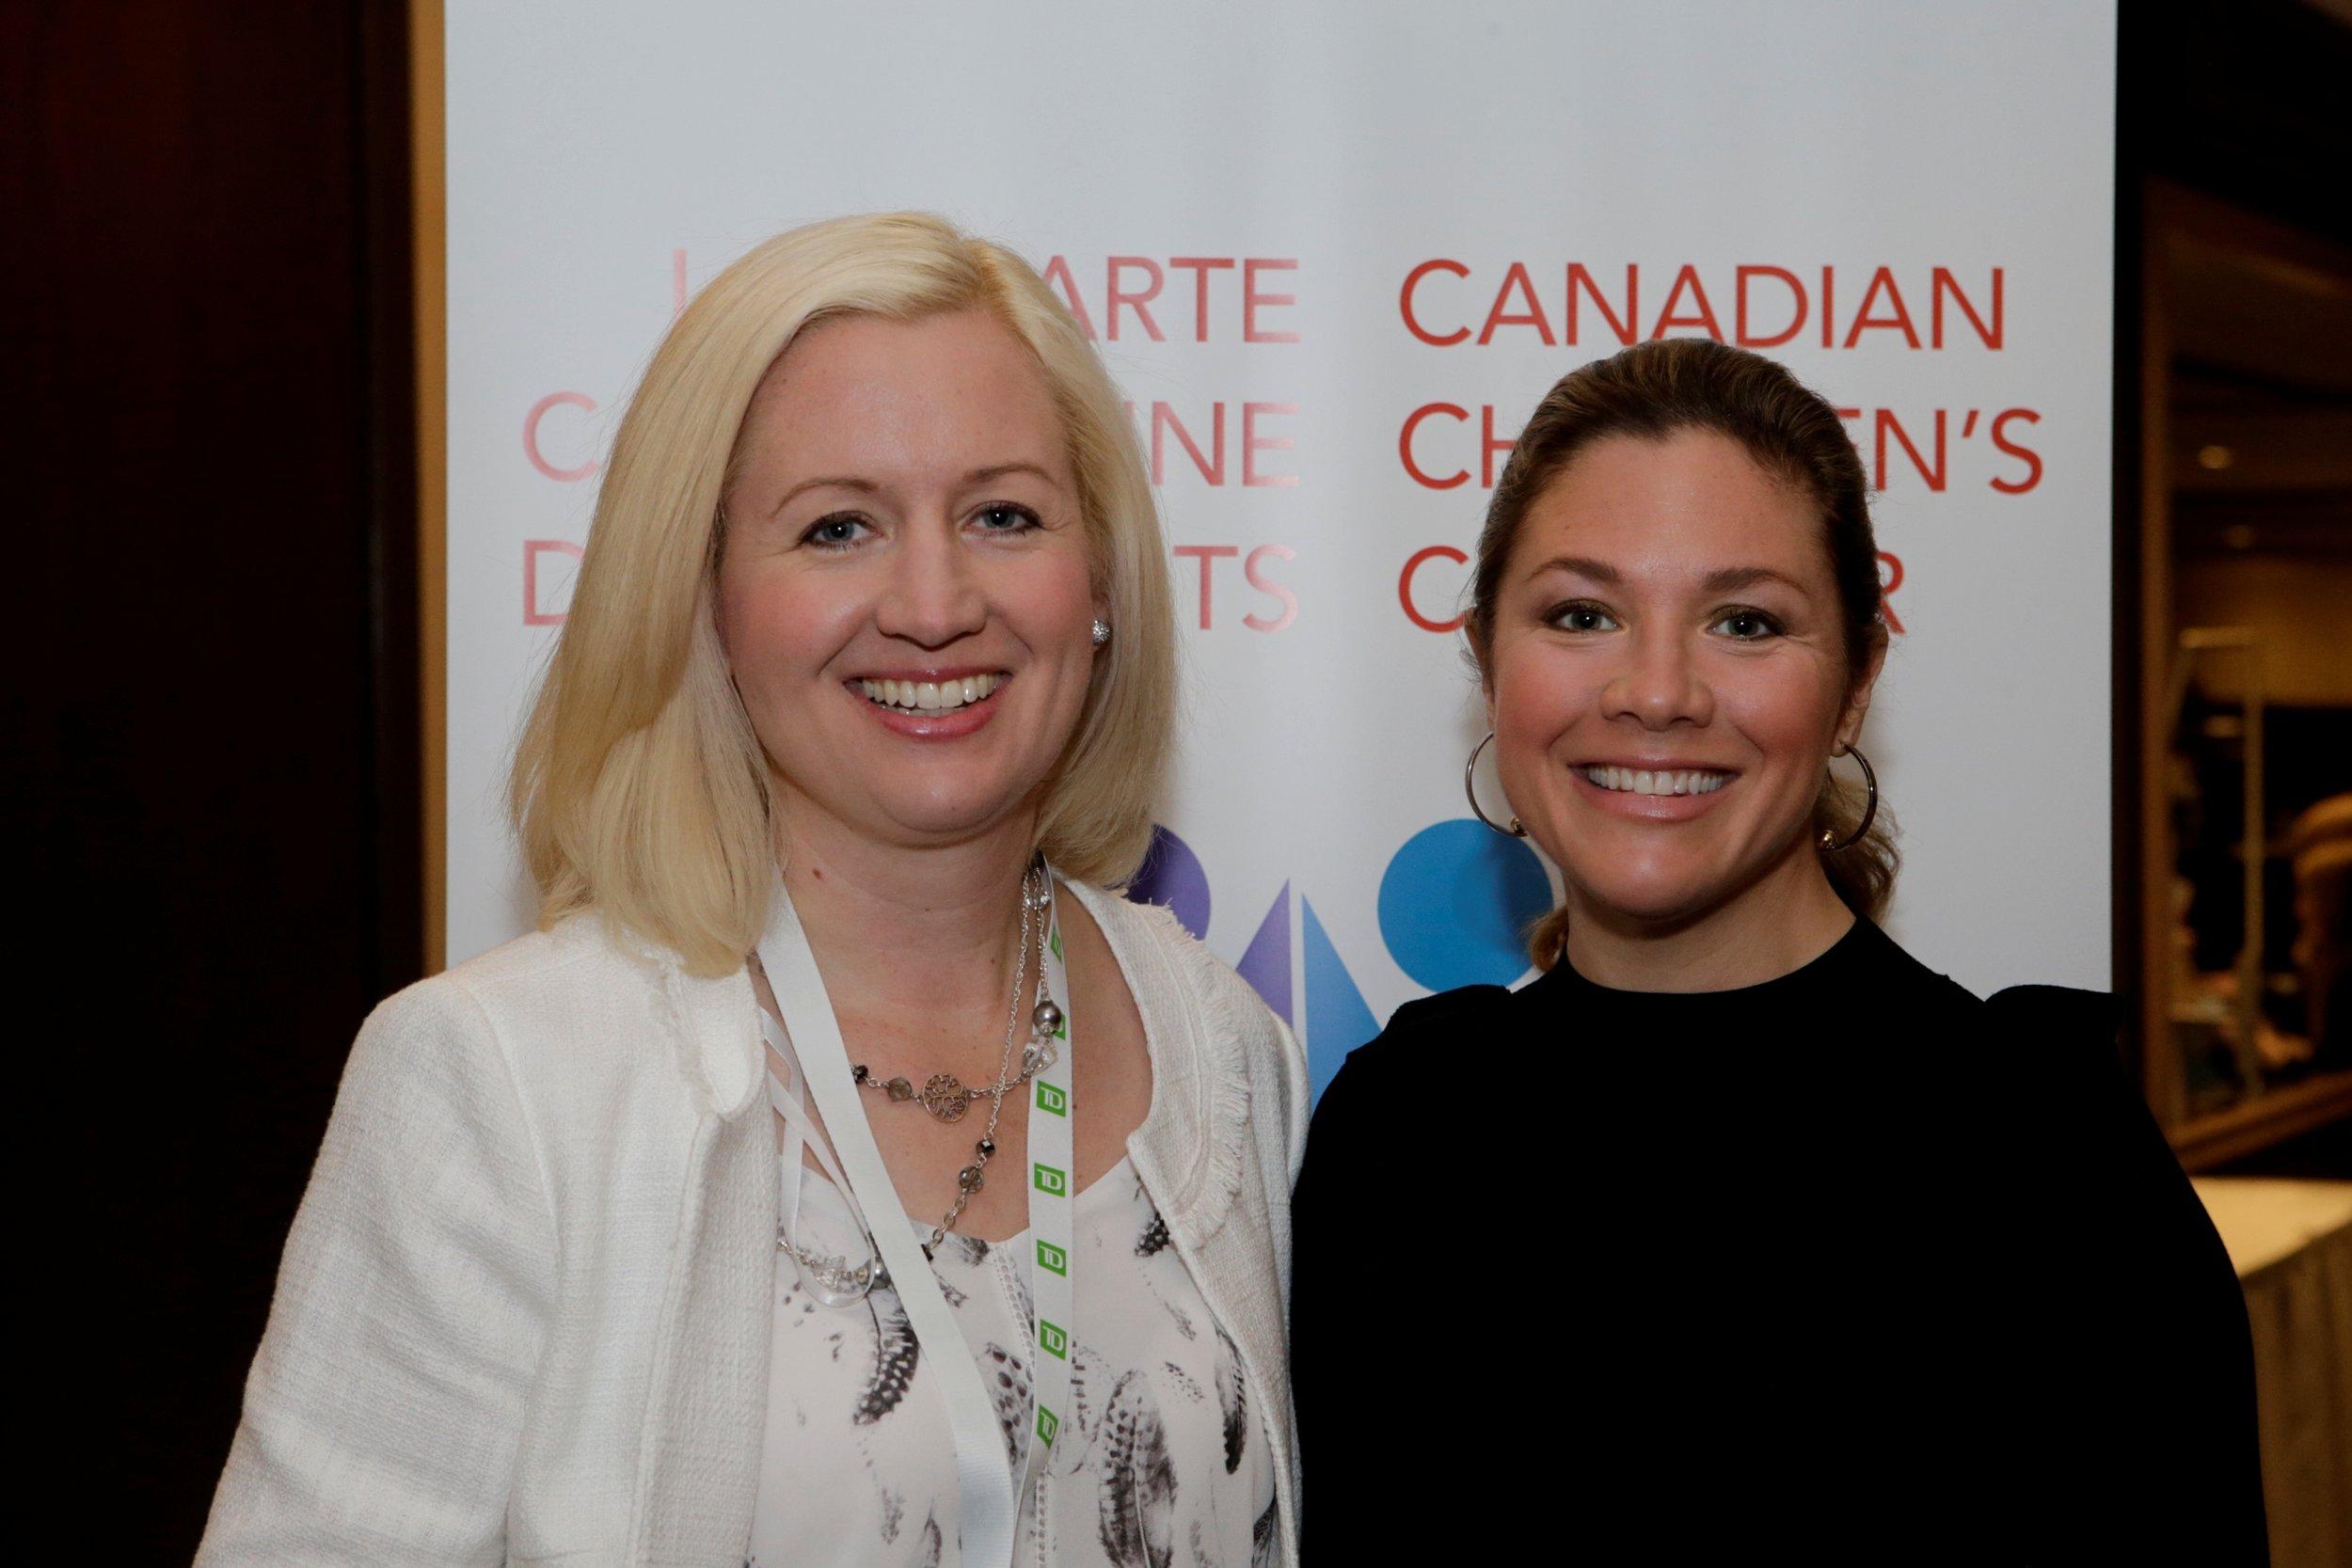 Sophie G Ottawa Day 3 01980 - Sara & Sophie.JPG